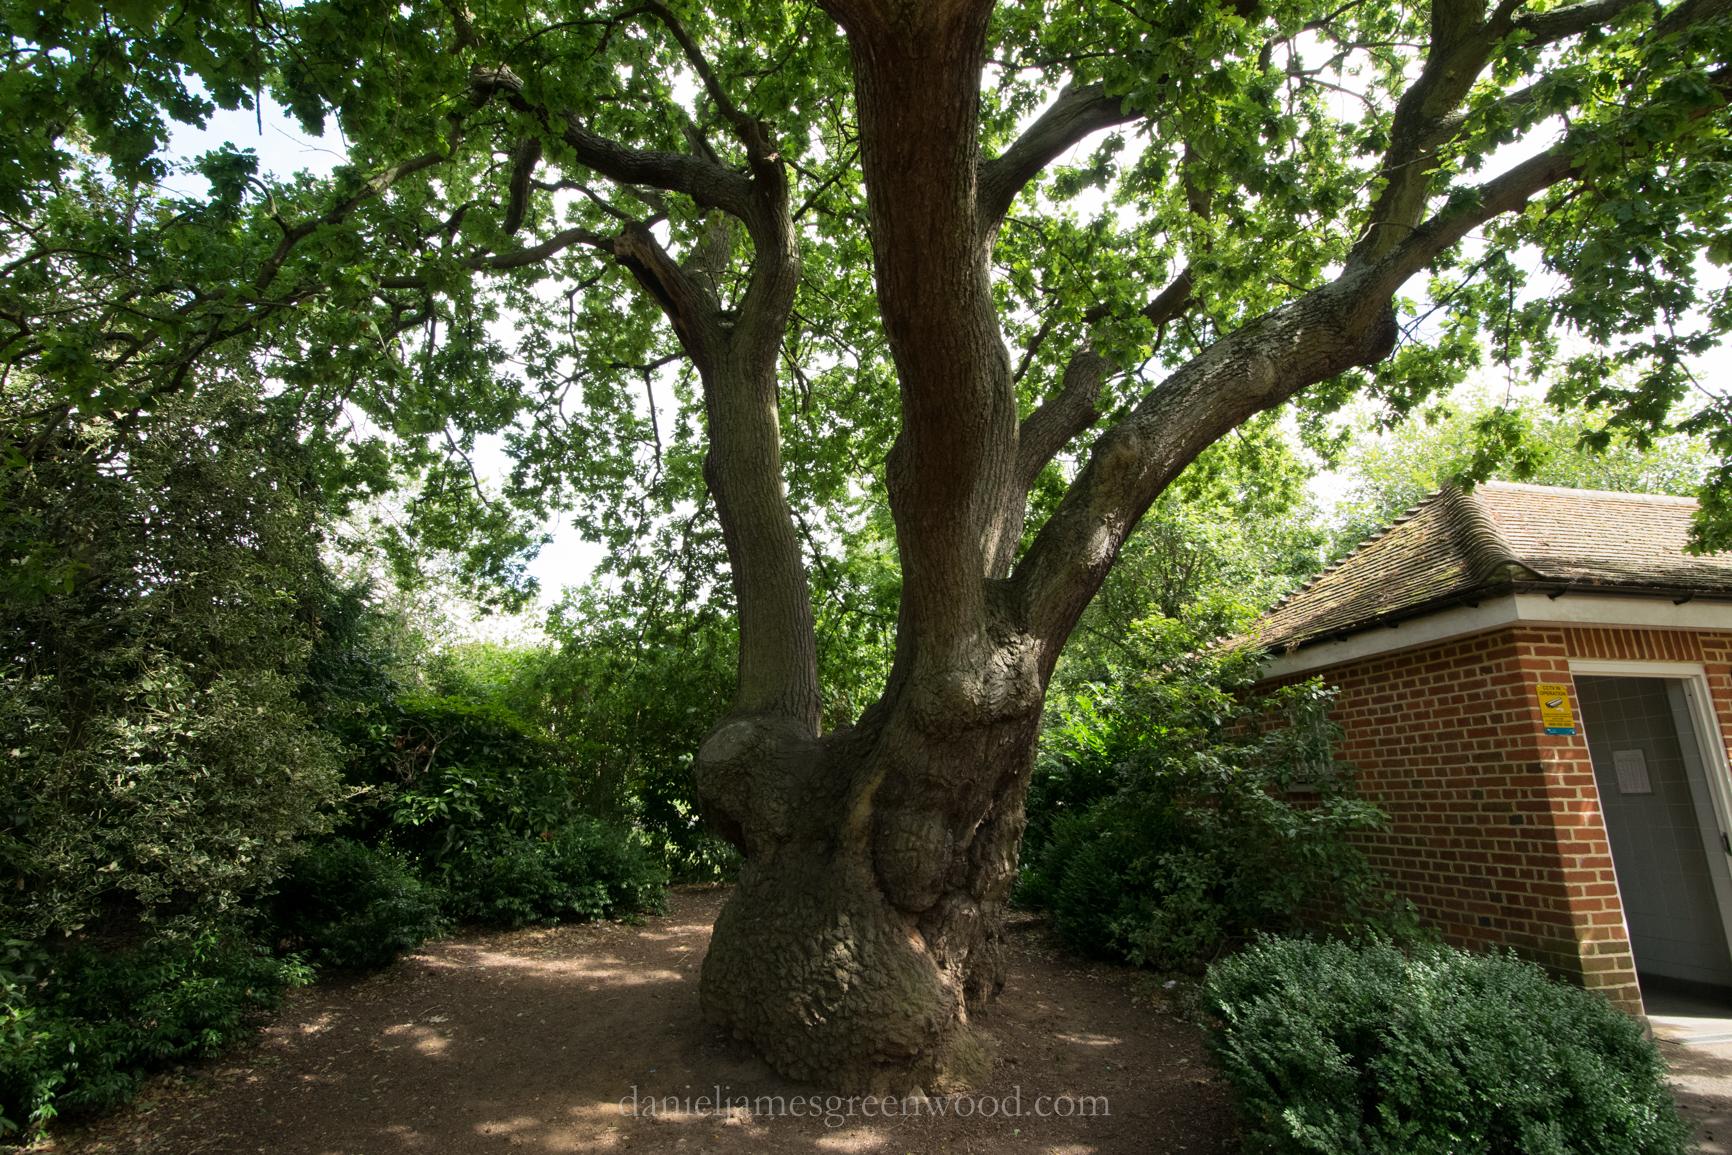 dulwich-park-oaks-22-8-16-lo-res-43